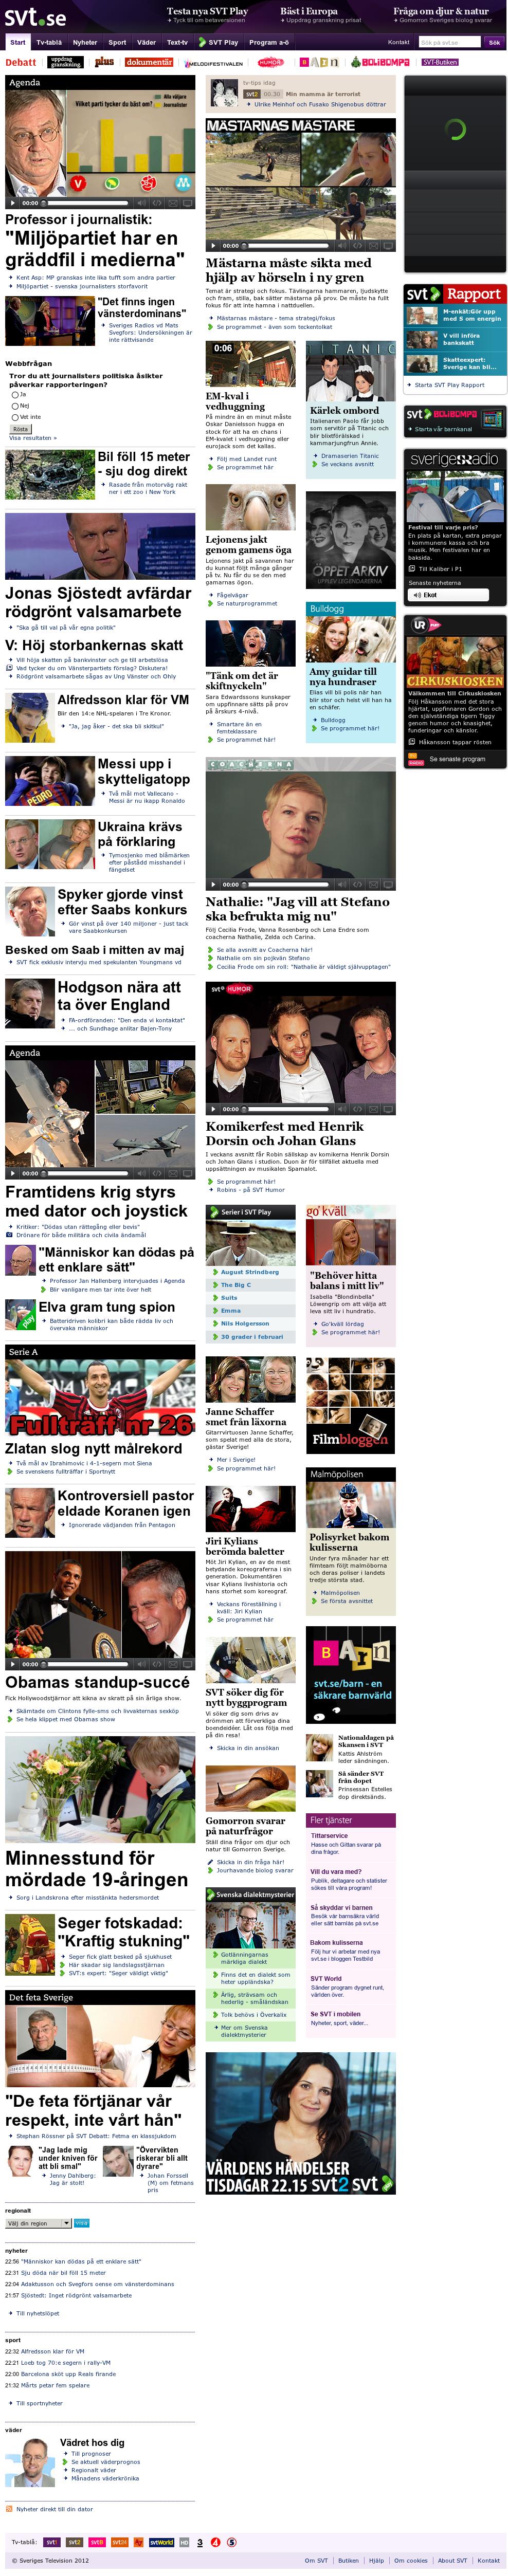 SVT at Sunday April 29, 2012, 10:23 p.m. UTC